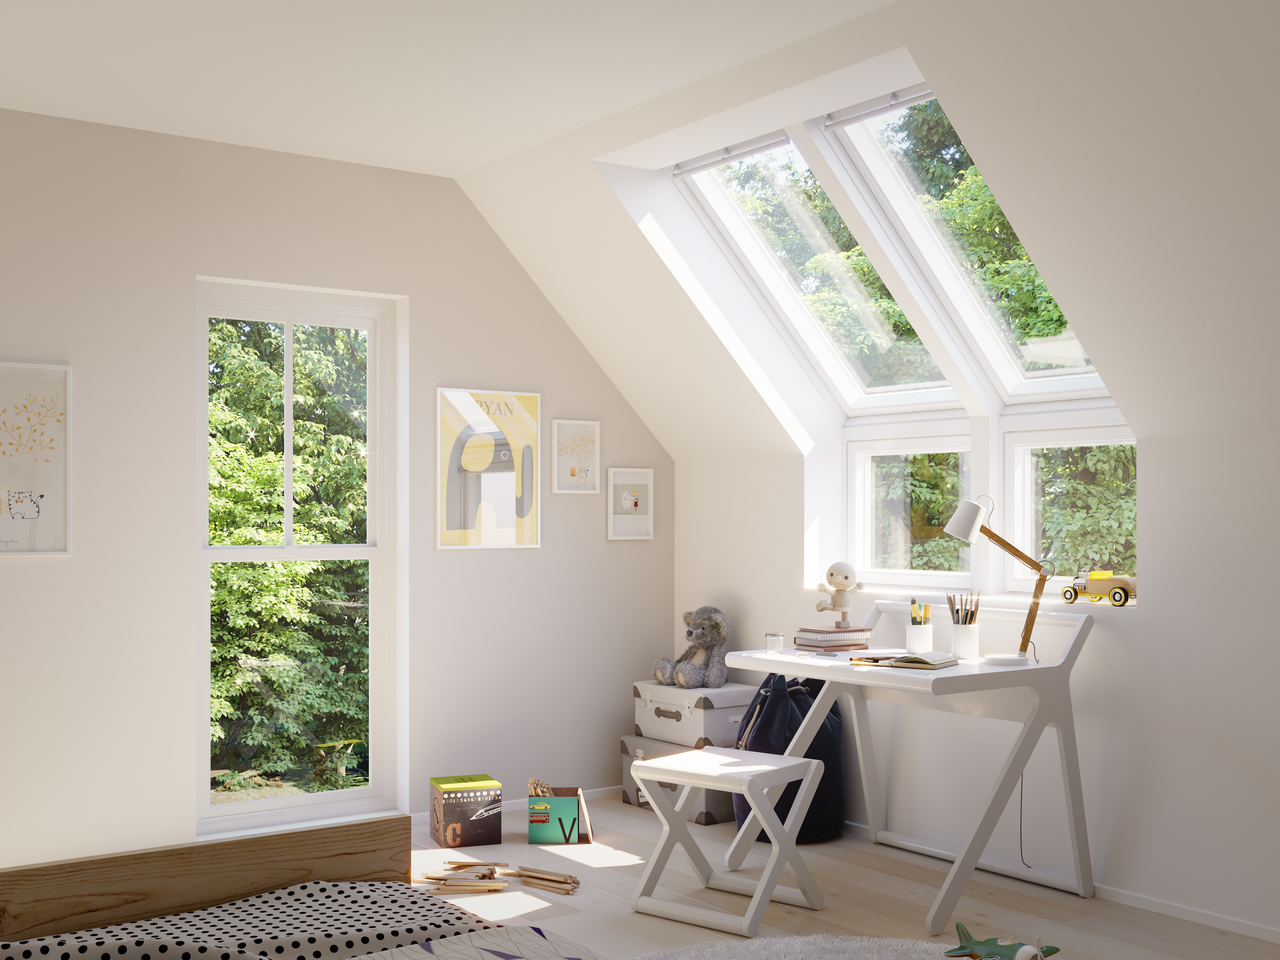 Vue fenêtre de toit extérieur